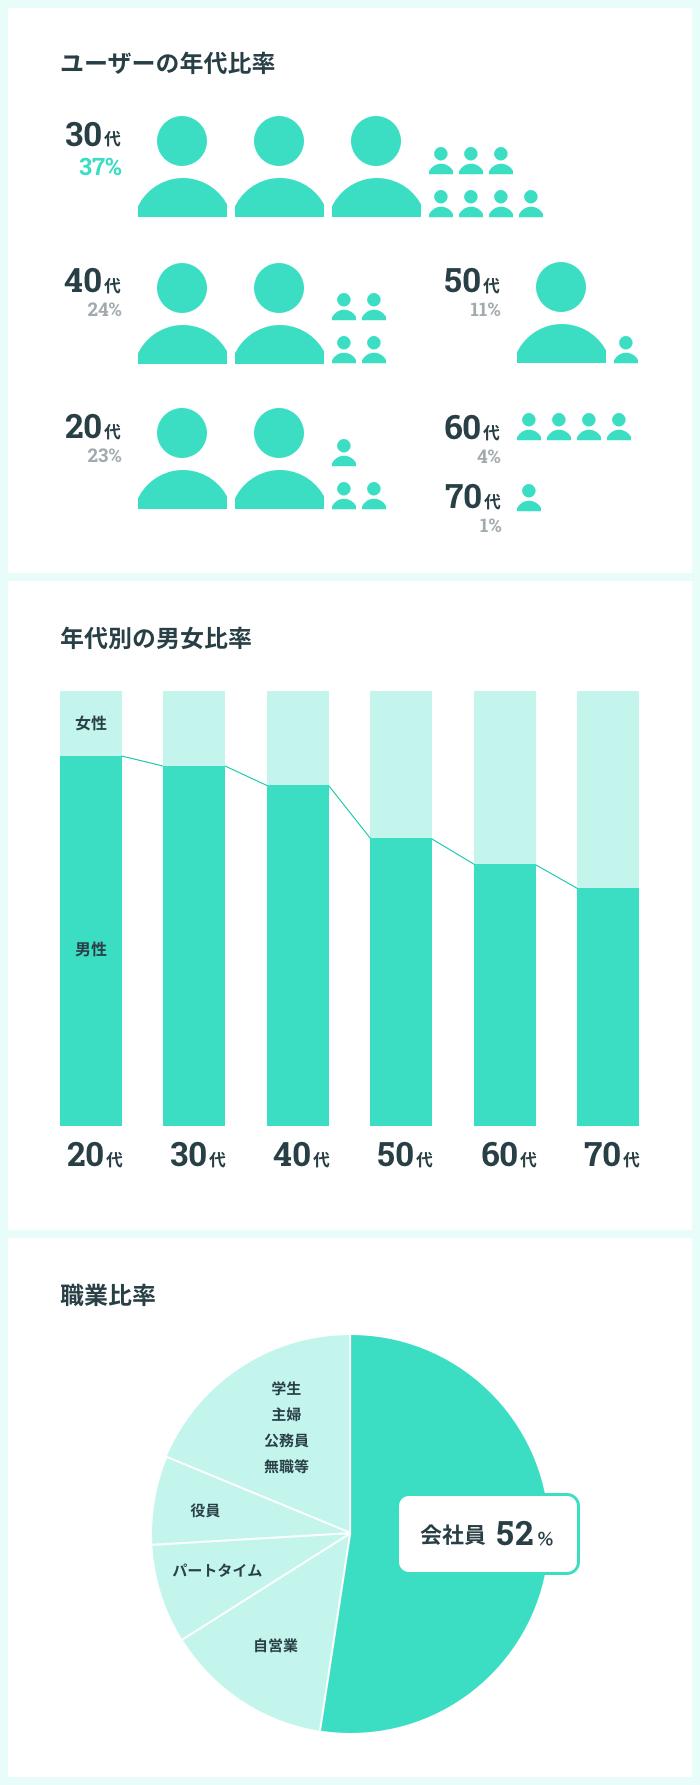 コインチェックユーザーの半数以上が会社員